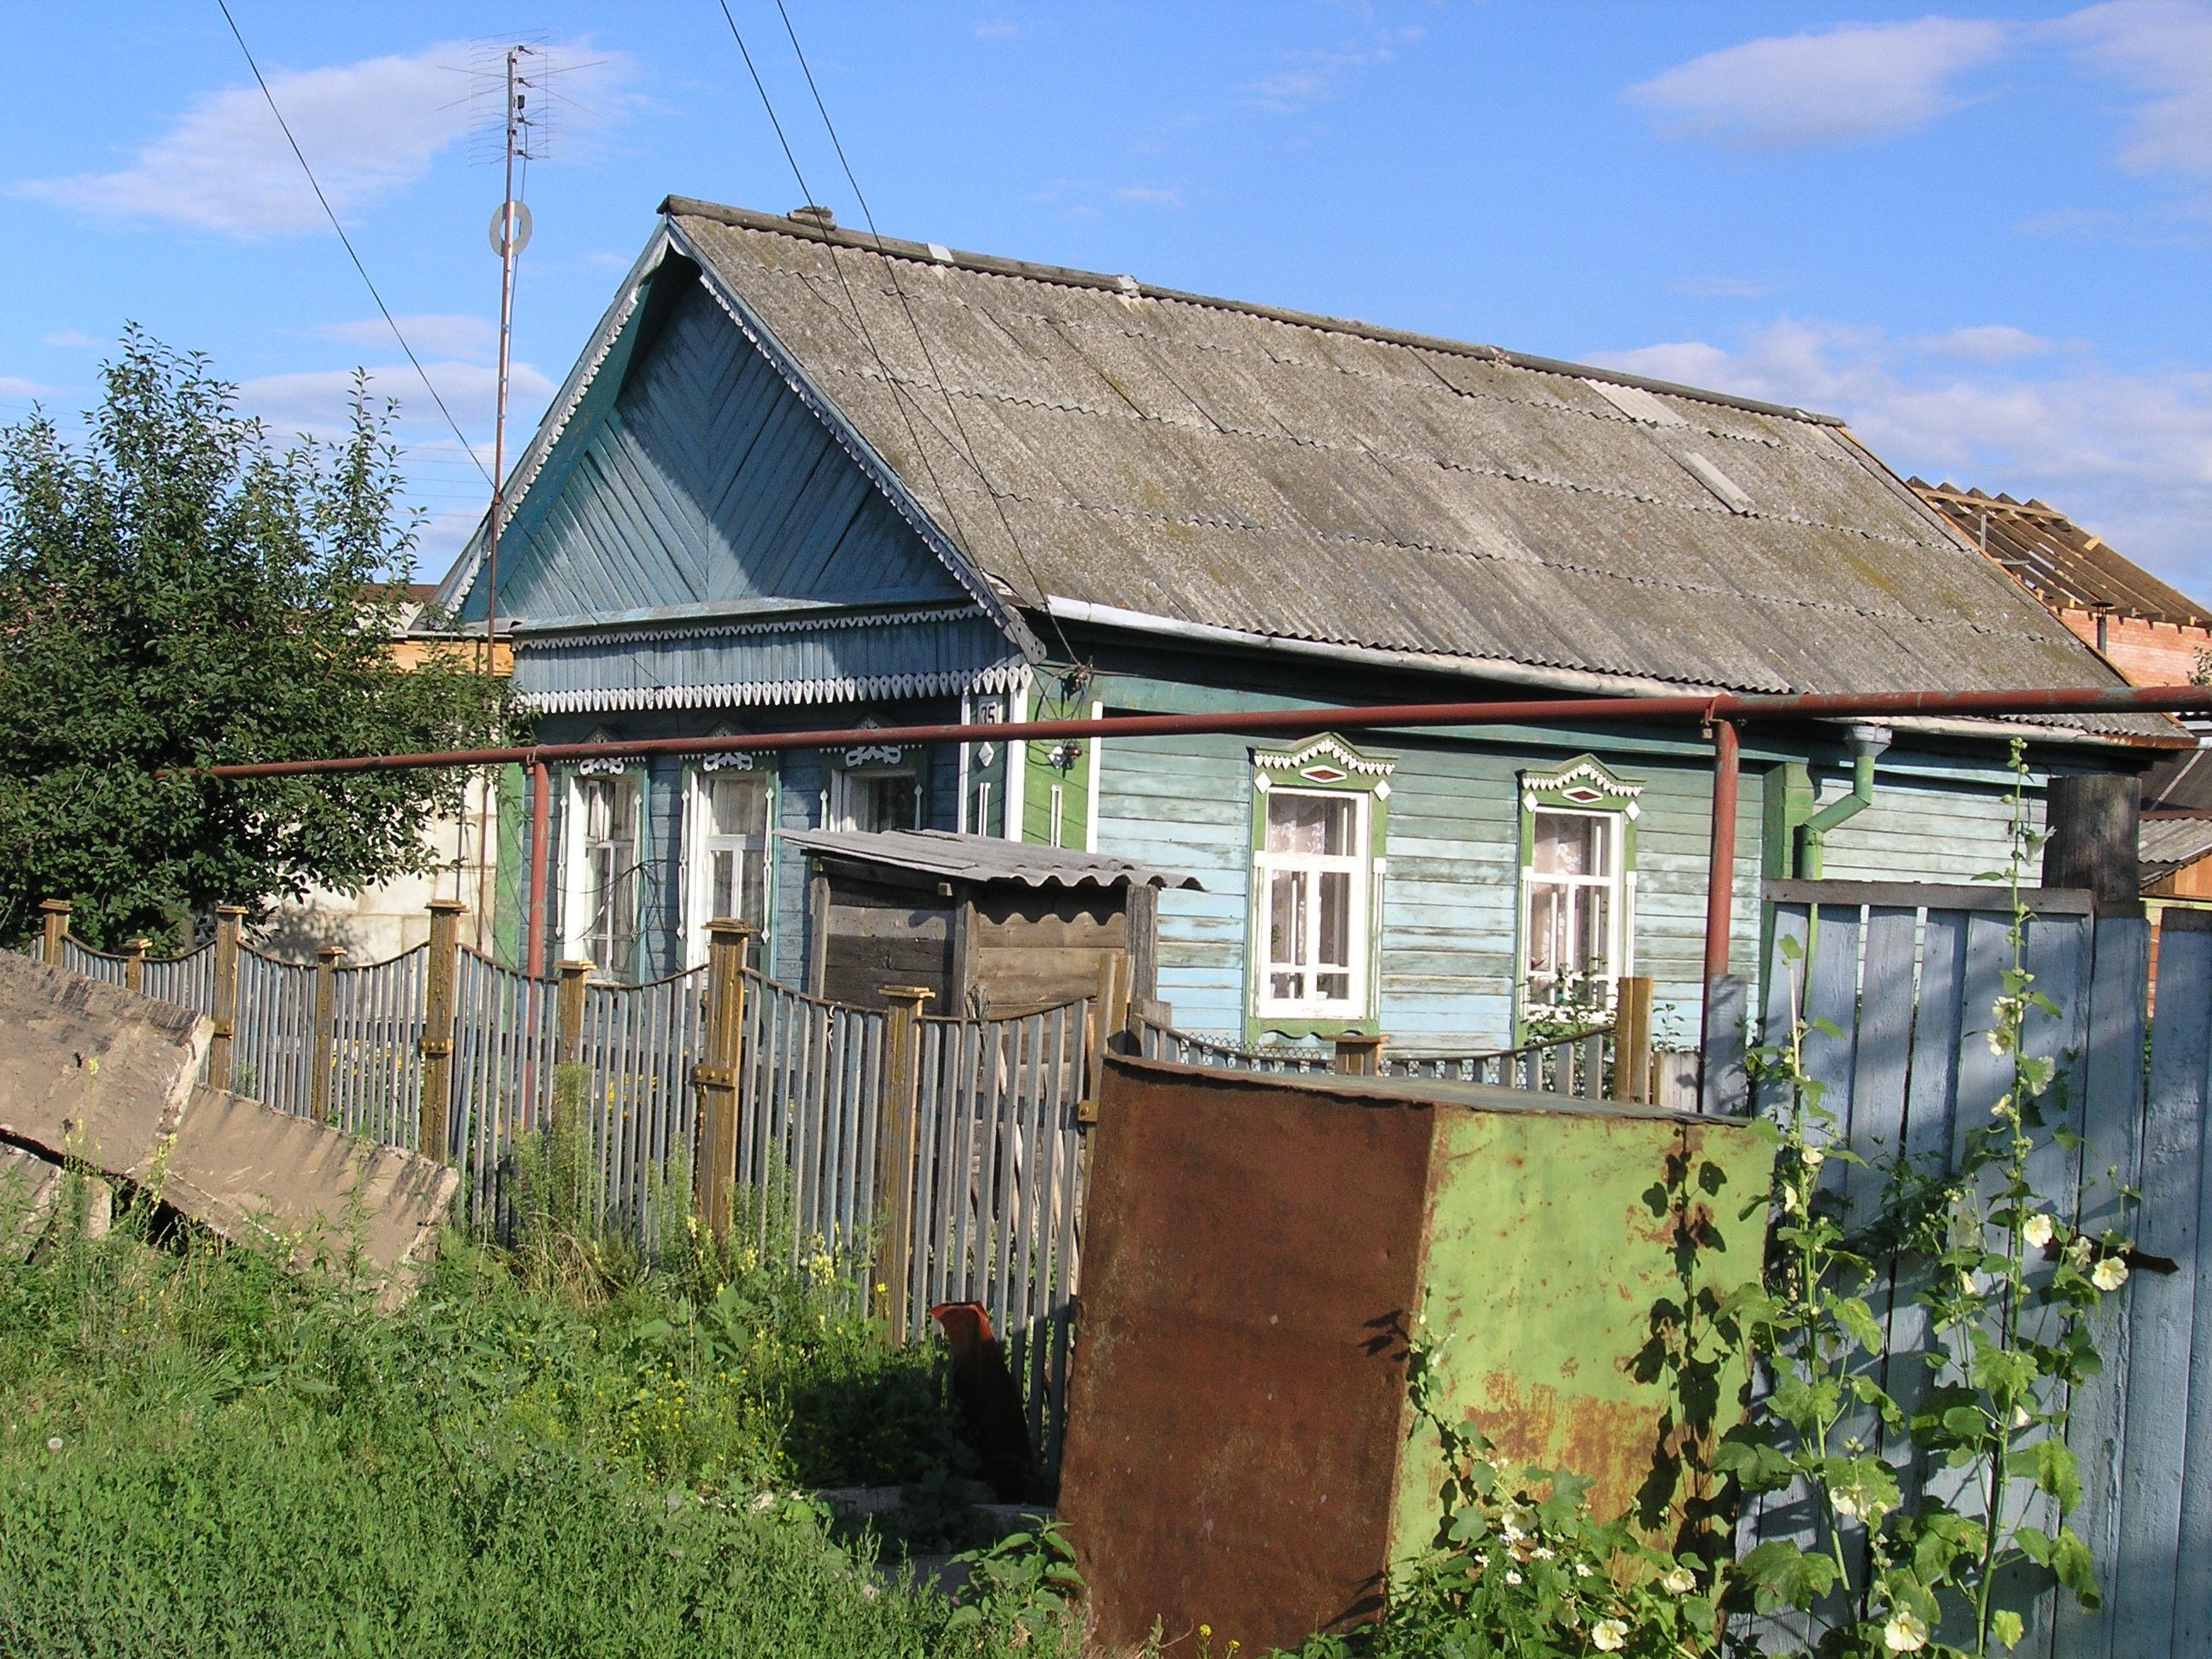 Togliatti Russia  city images : Small house district, Togliatti, Russia Wikimedia Commons